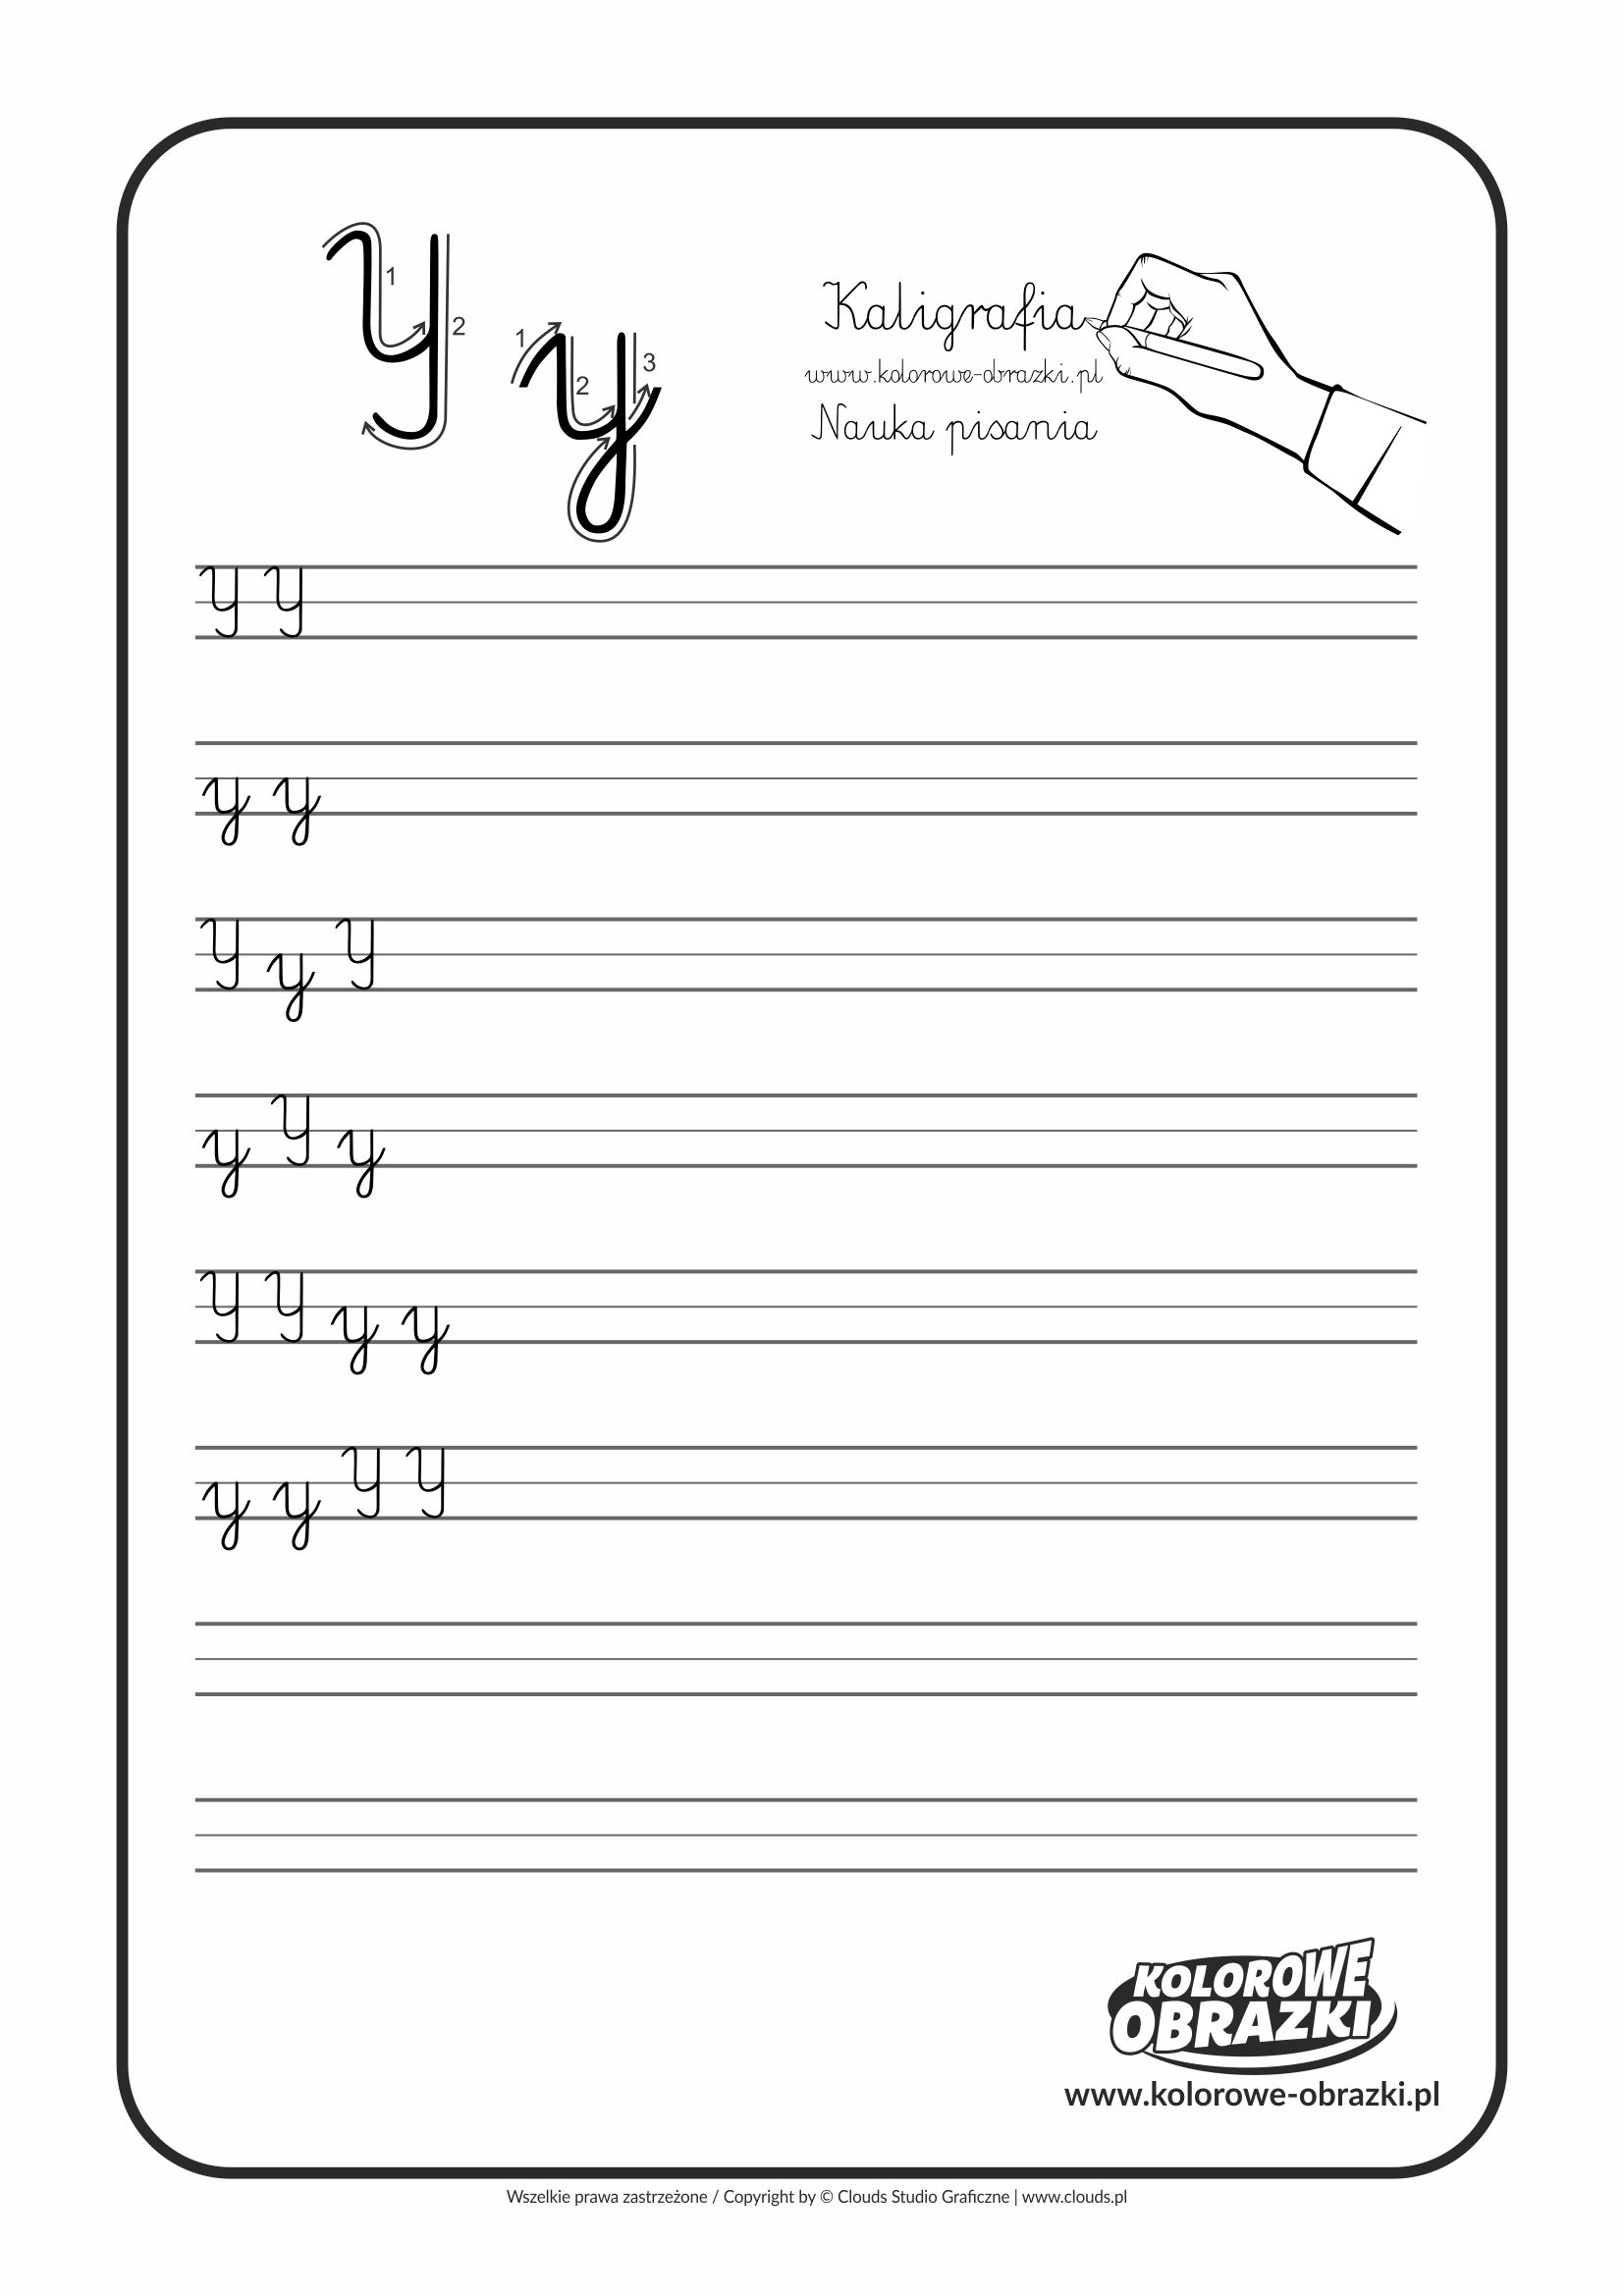 Kaligrafia Dla Dzieci Cwiczenia Kaligraficzne Litera Y Nauka Pisania Litery Y Letters For Kids Calligraphy For Kids Cool Coloring Pages